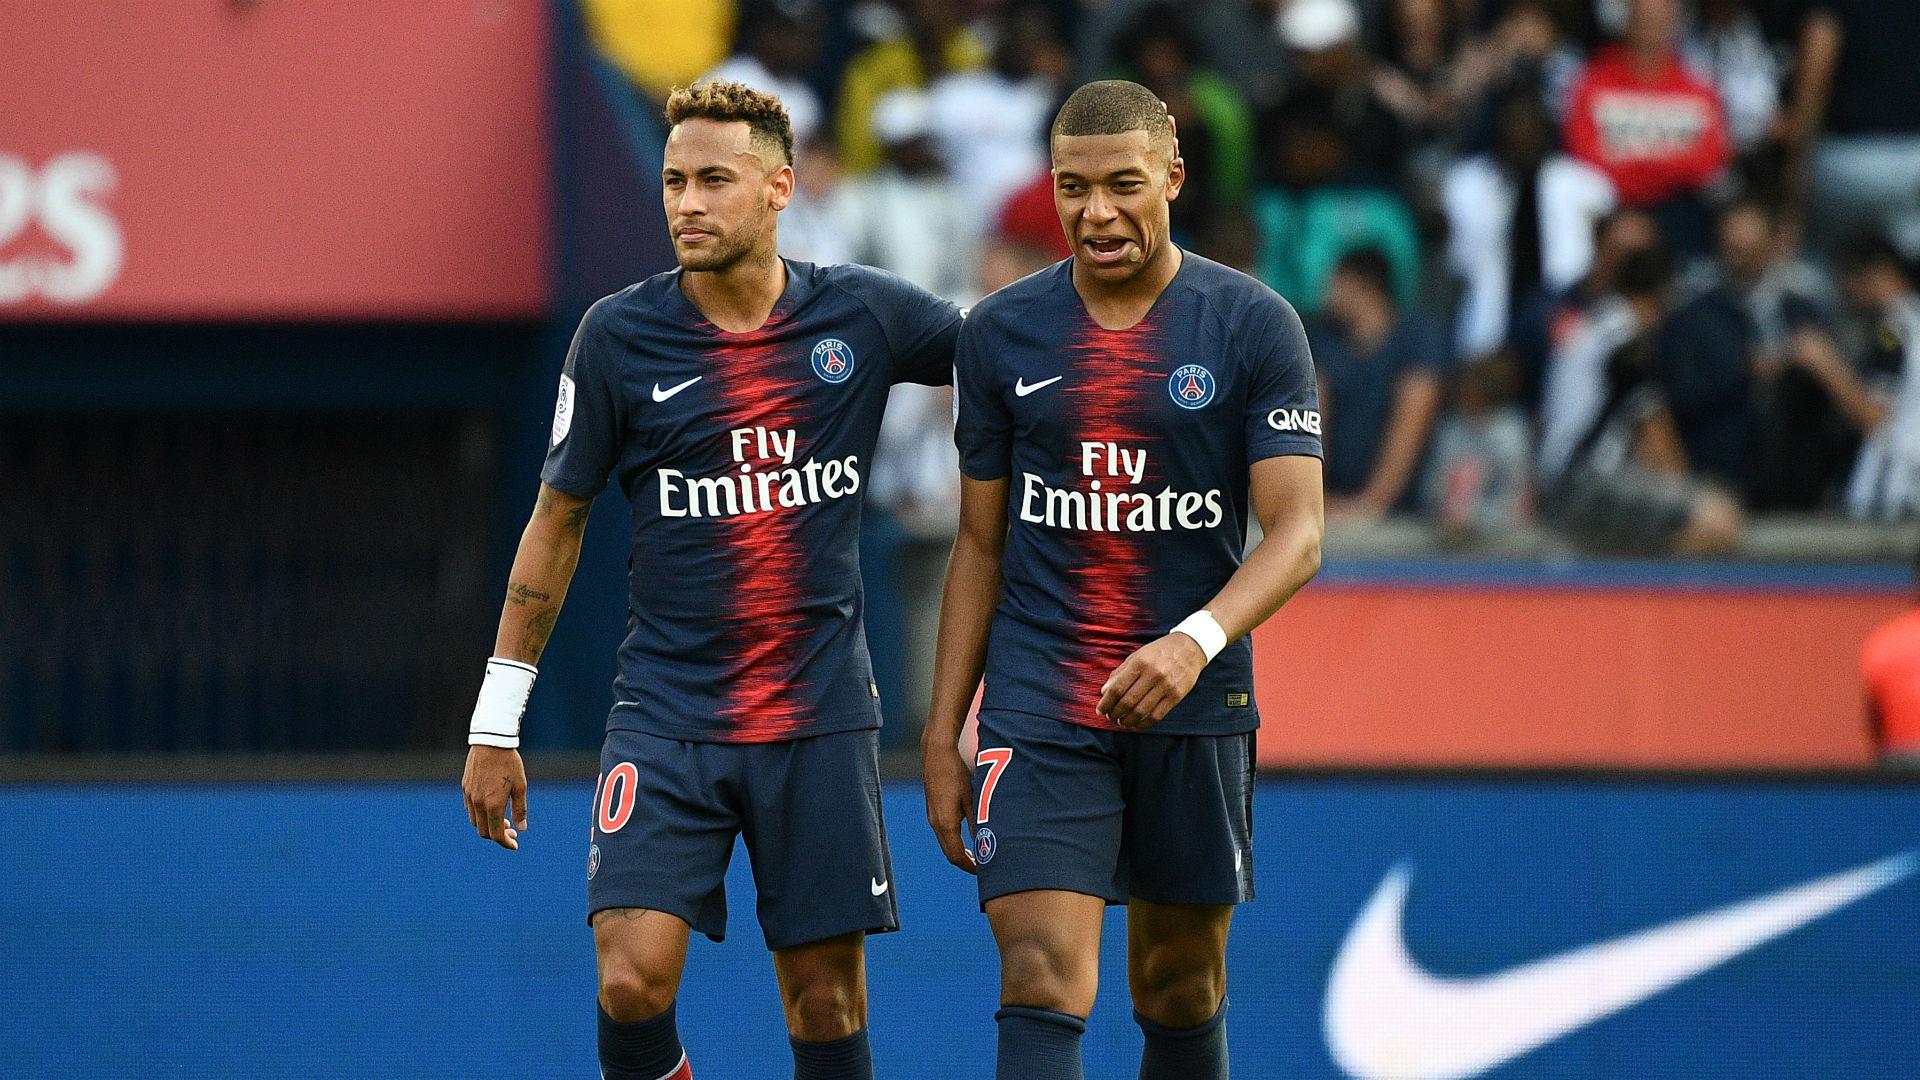 Psg News Neymar V Mbappe Rivalry Not Real Meunier Sporting News